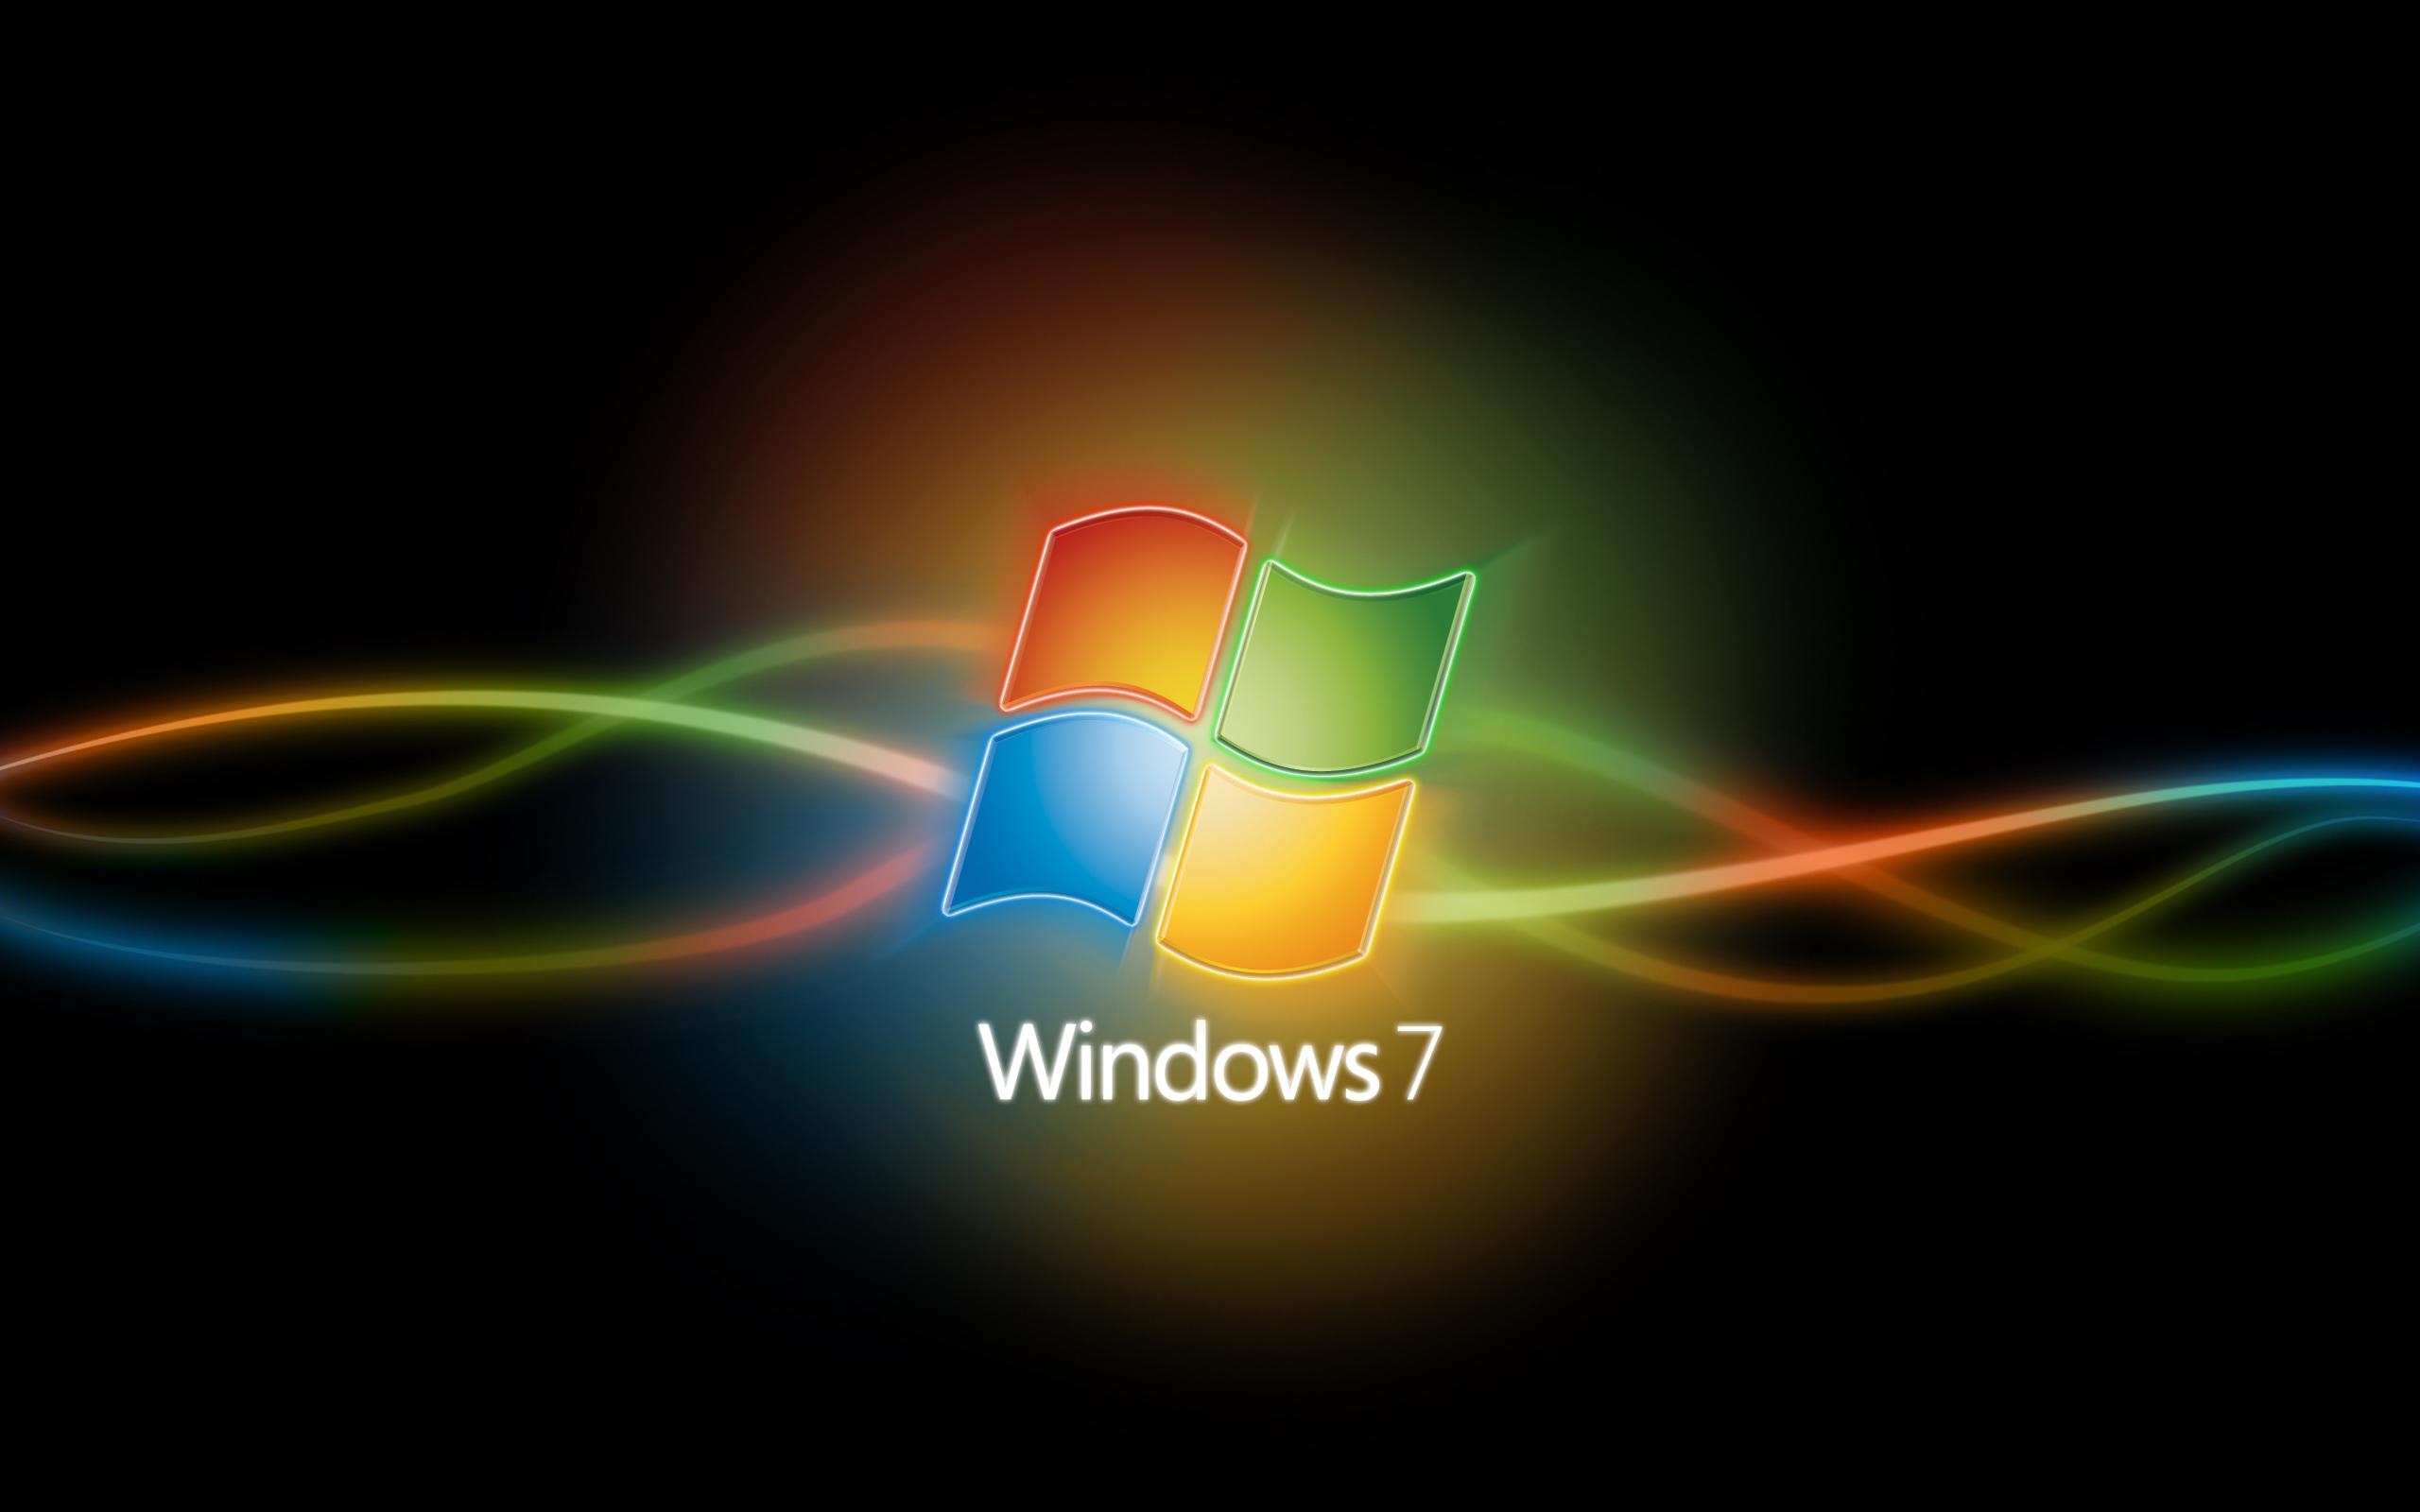 как сделать гиф обои на рабочий стол windows 10 № 185872 без смс